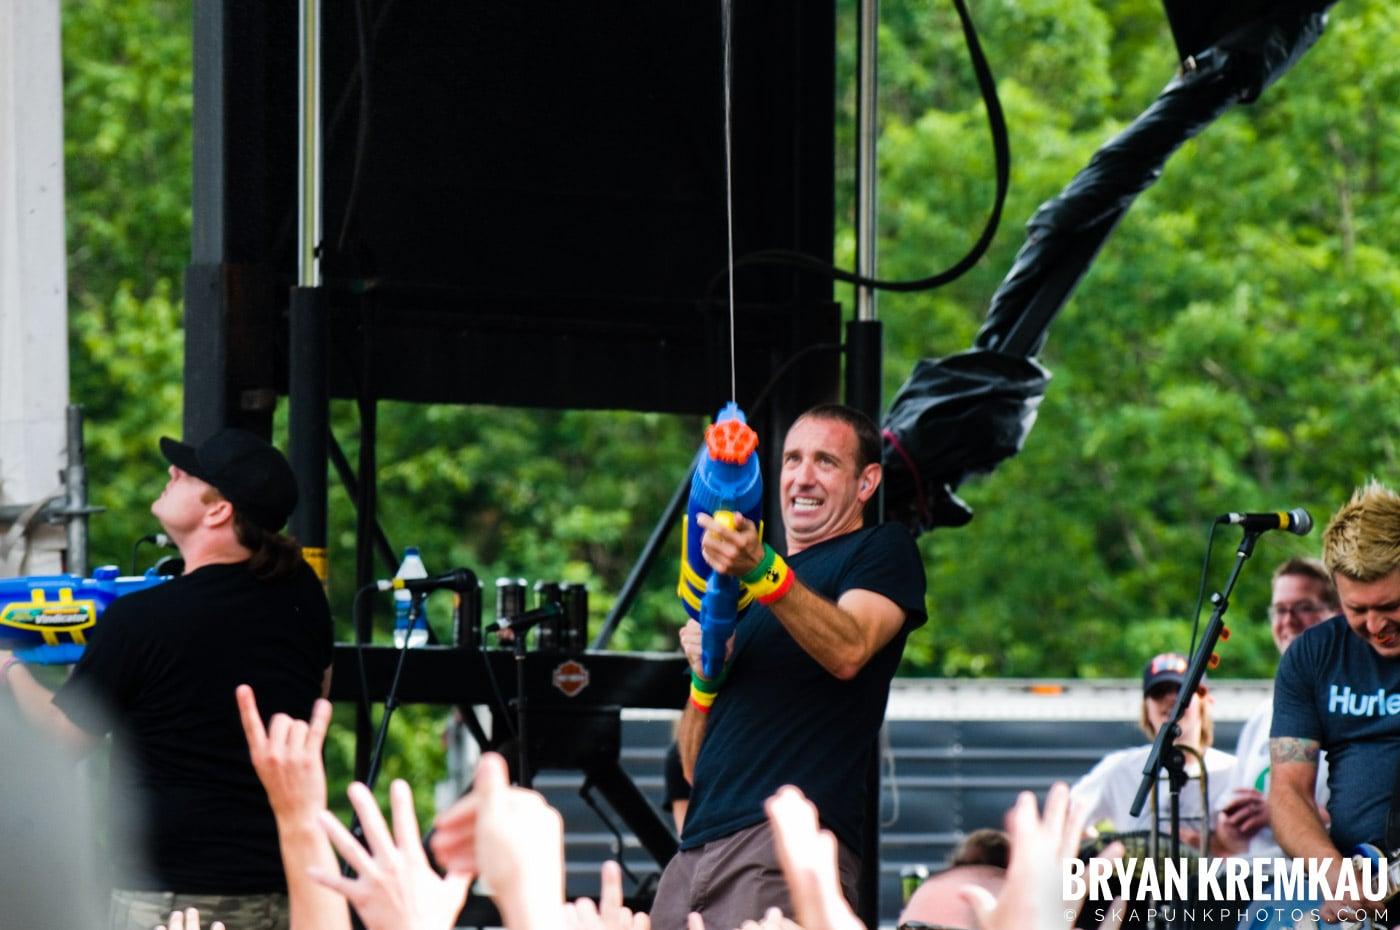 Less Than Jake @ Warped Tour 2009, Scranton PA - 07.15.09 (2)